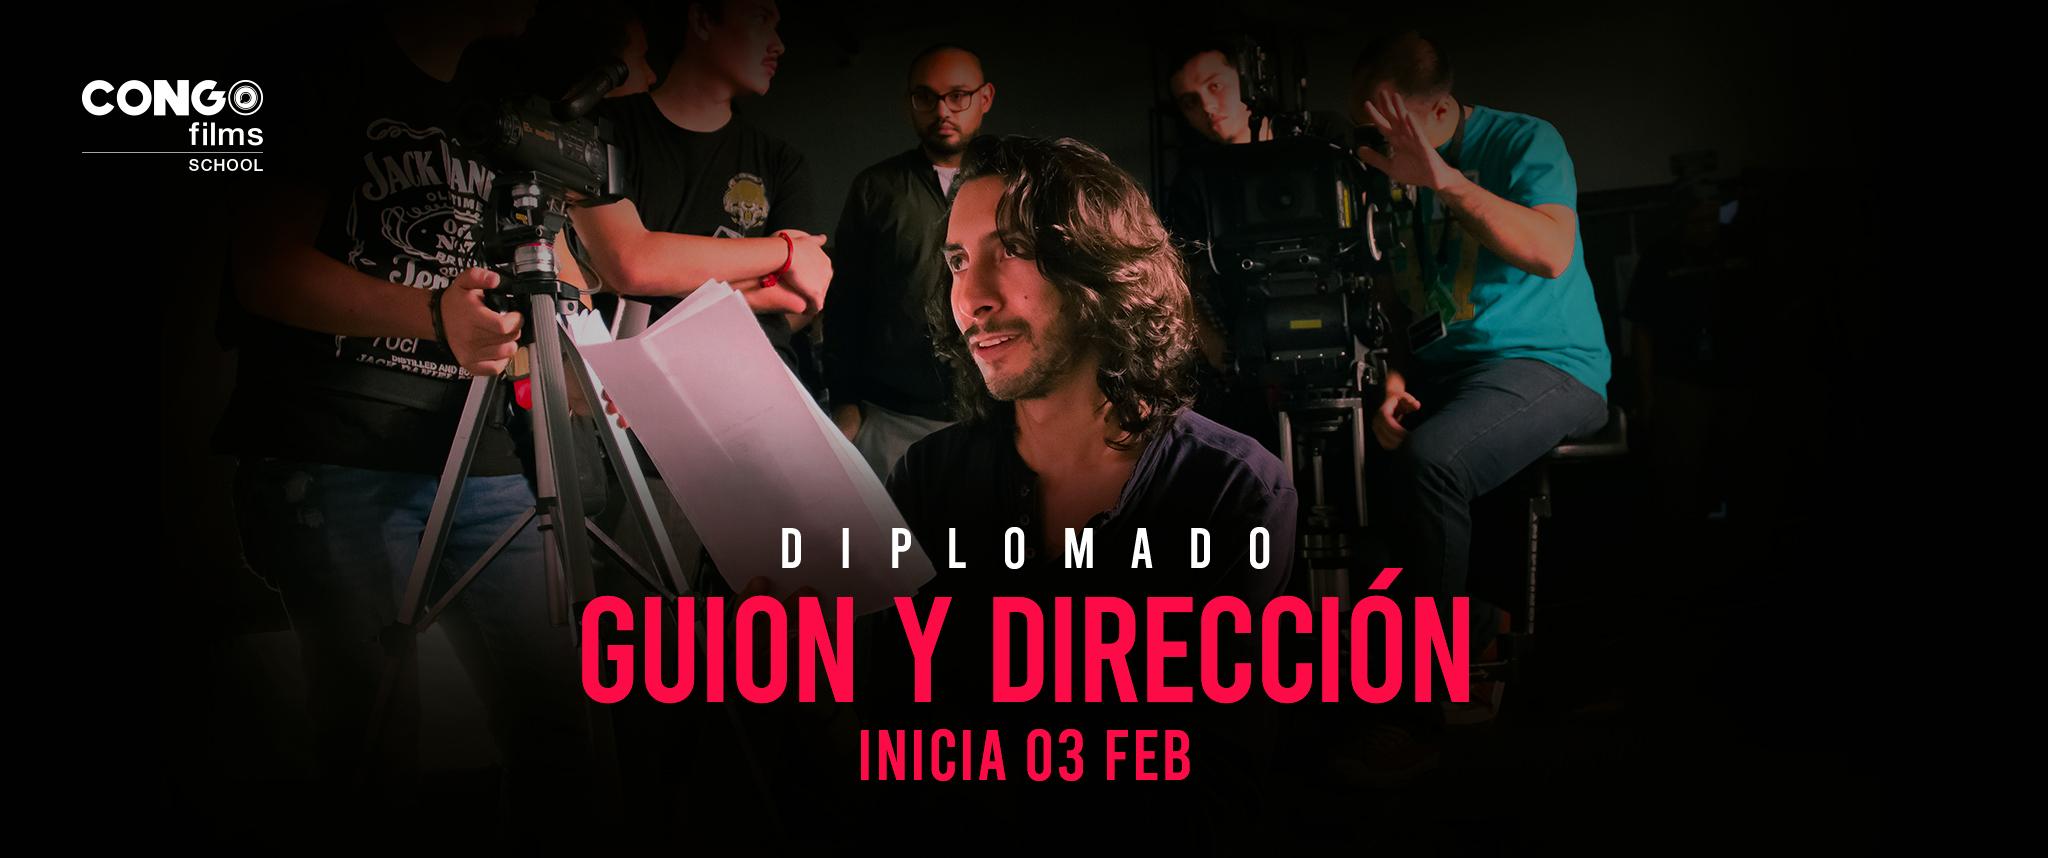 FOTOS-INTERNAS-WEB---DIPLOMADOS-NOCTURNOS-2020---GUION-Y-DIRECCIÓN.jpg